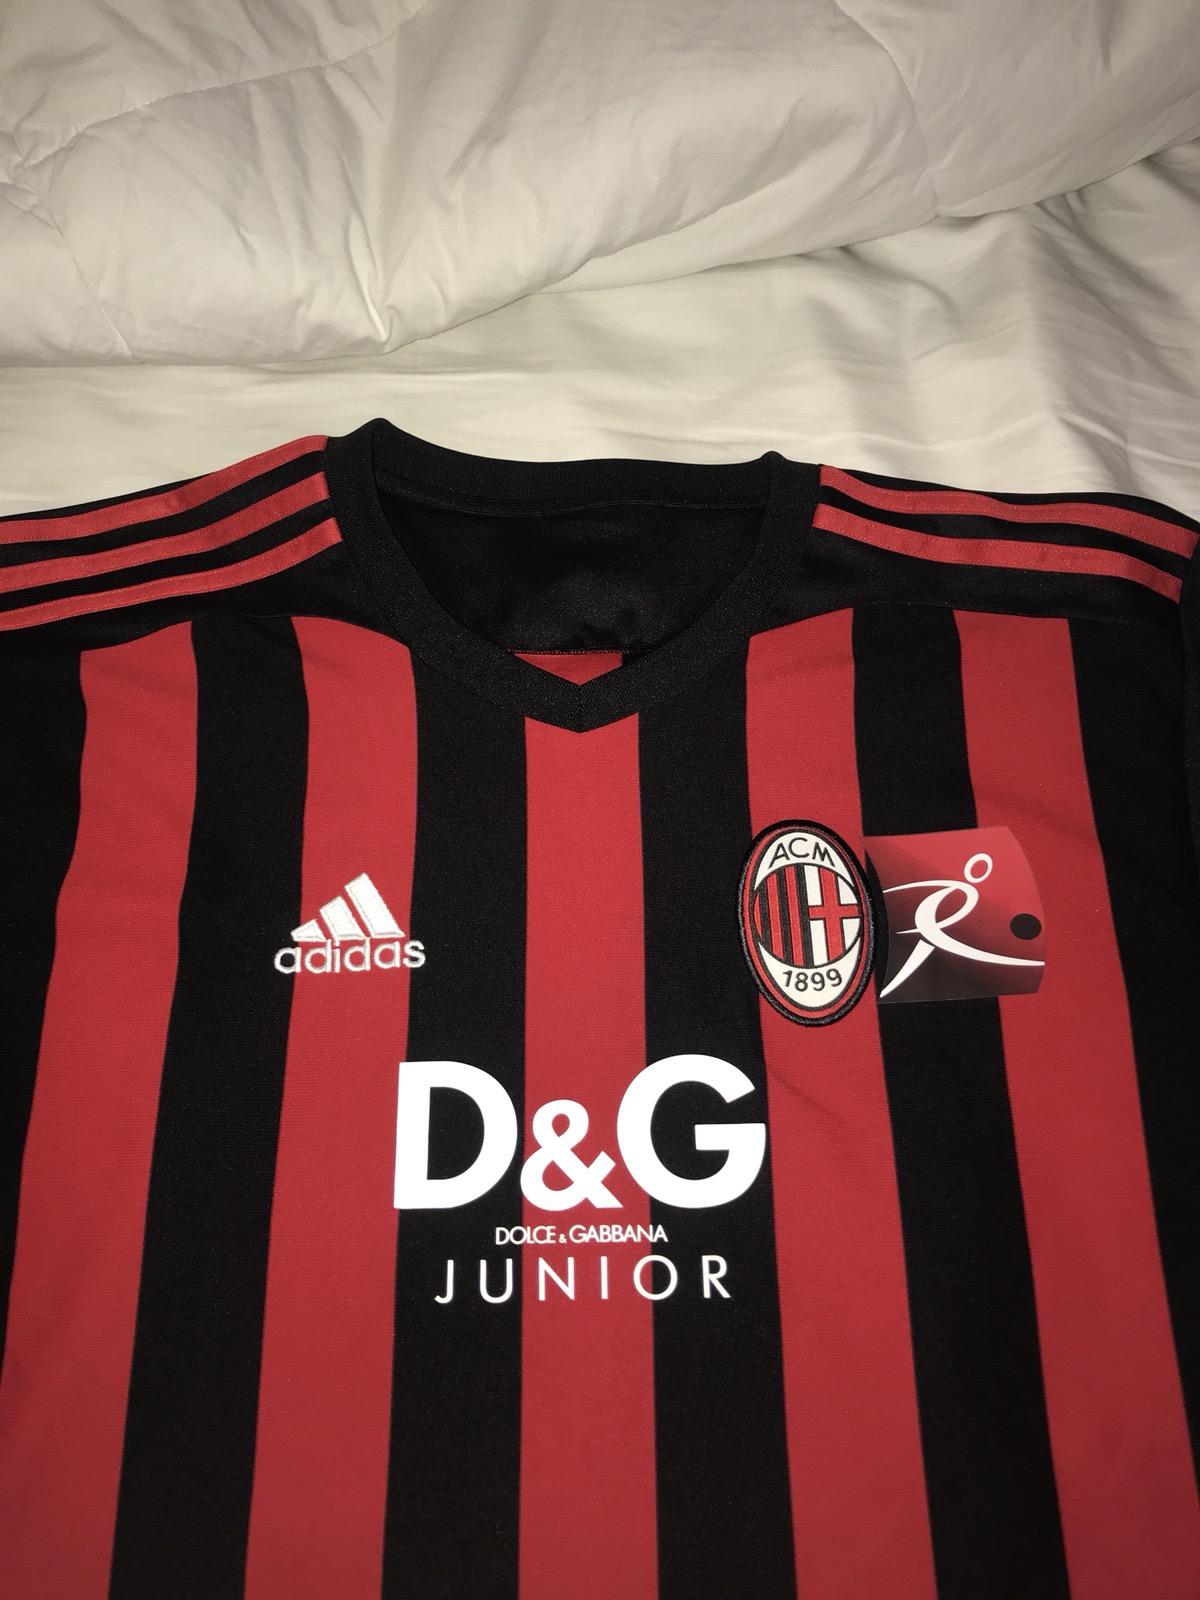 best website 72a99 bdcbb Dolce & Gabbana AC Milan Jersey